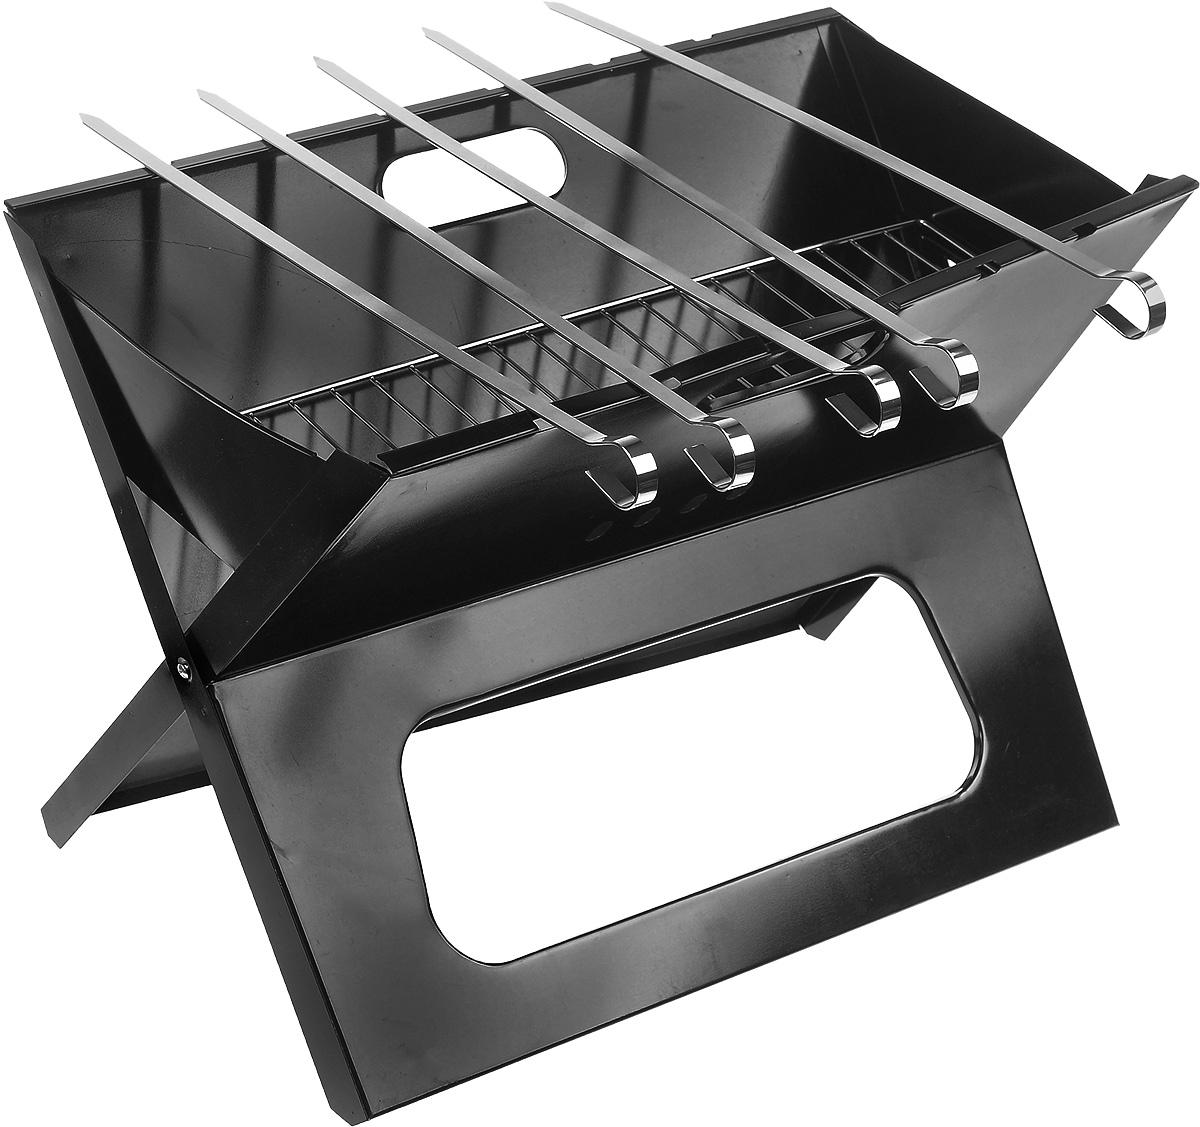 Мангал-книжка RoyalGrill, с 5 шампурами, 46 х 30 х 33 смSСJ-2201Мангал-книжка RoyalGrill выполнен из высококачественной стали. Он предназначен для приготовления пищи (мяса, рыбы, птицы, овощей) на открытом воздухе. Изделие оснащено удобными ручками и имеет складную конструкцию, что облегчает его транспортировку. В комплект входят 5 шампуров.Многие из нас обожают выезжать на природу - здоровая атмосфера, чистый воздух, приятная компания, что может быть лучше для полноценного отдыха? Пикник, проводимый на свежем воздухе, оставляет неизгладимое впечатление: все воспринимается ярче и насыщенней. Редкий пикник обходится без приготовления горячих блюд: шашлыков, запеченных продуктов, мяса, рыбы или овощей. Однако, для того чтобы приготовить шашлык по всем правилам, очень важно использовать соответствующие приспособления, одним из которых является мангал. Это устройство пользуется большой популярностью сегодня. Мангал является и декоративный элементом, изумительно вписывающимся в ландшафт, и средством для приготовления горячих блюд на открытой площадке. Размер мангала: 46 х 30 х 33 см. Длина шампура: 45 см.